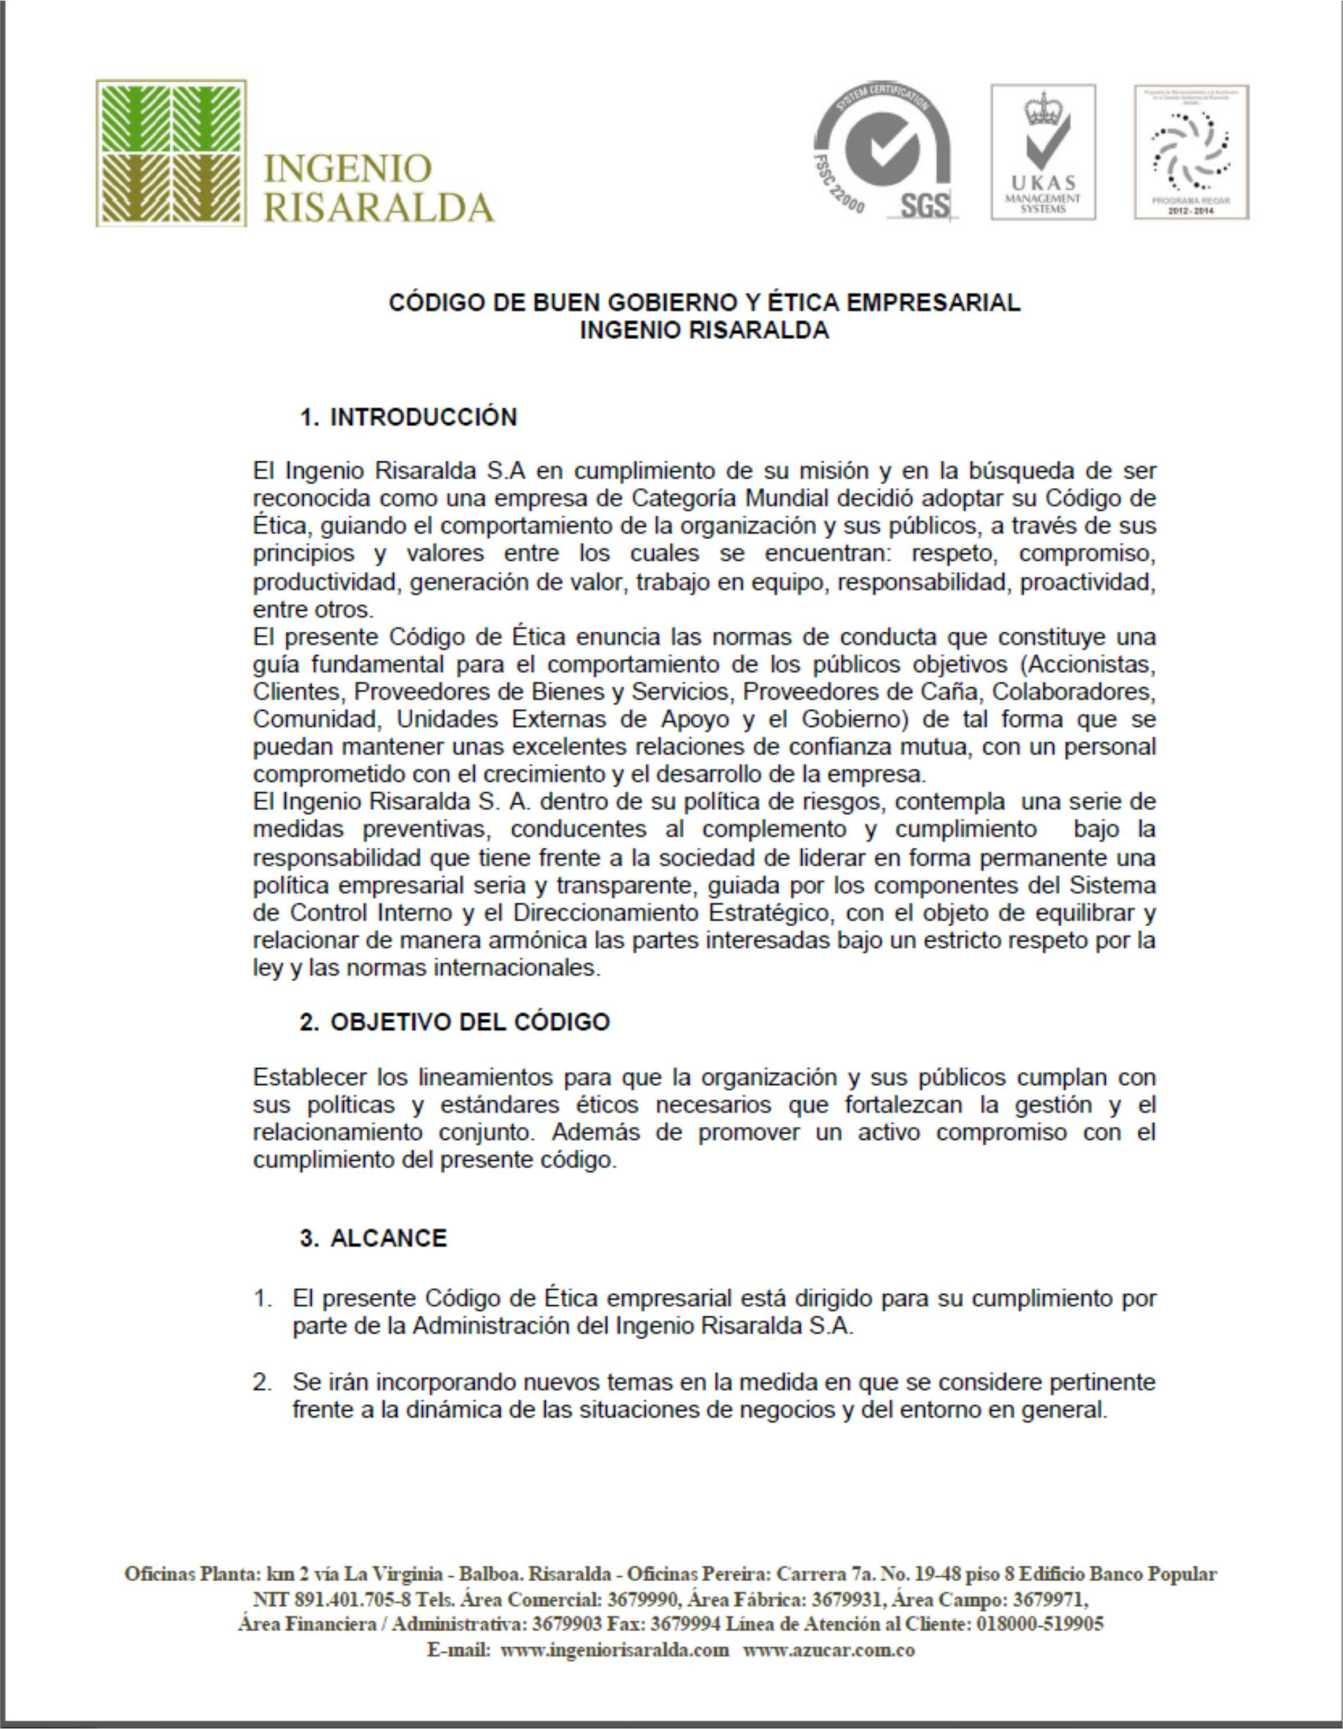 HOJA 1 DE 15 - CÓDIGO DE BUEN GOBIERNO Y ÉTICA EMPRESARIAL INGENIO RISARALDA